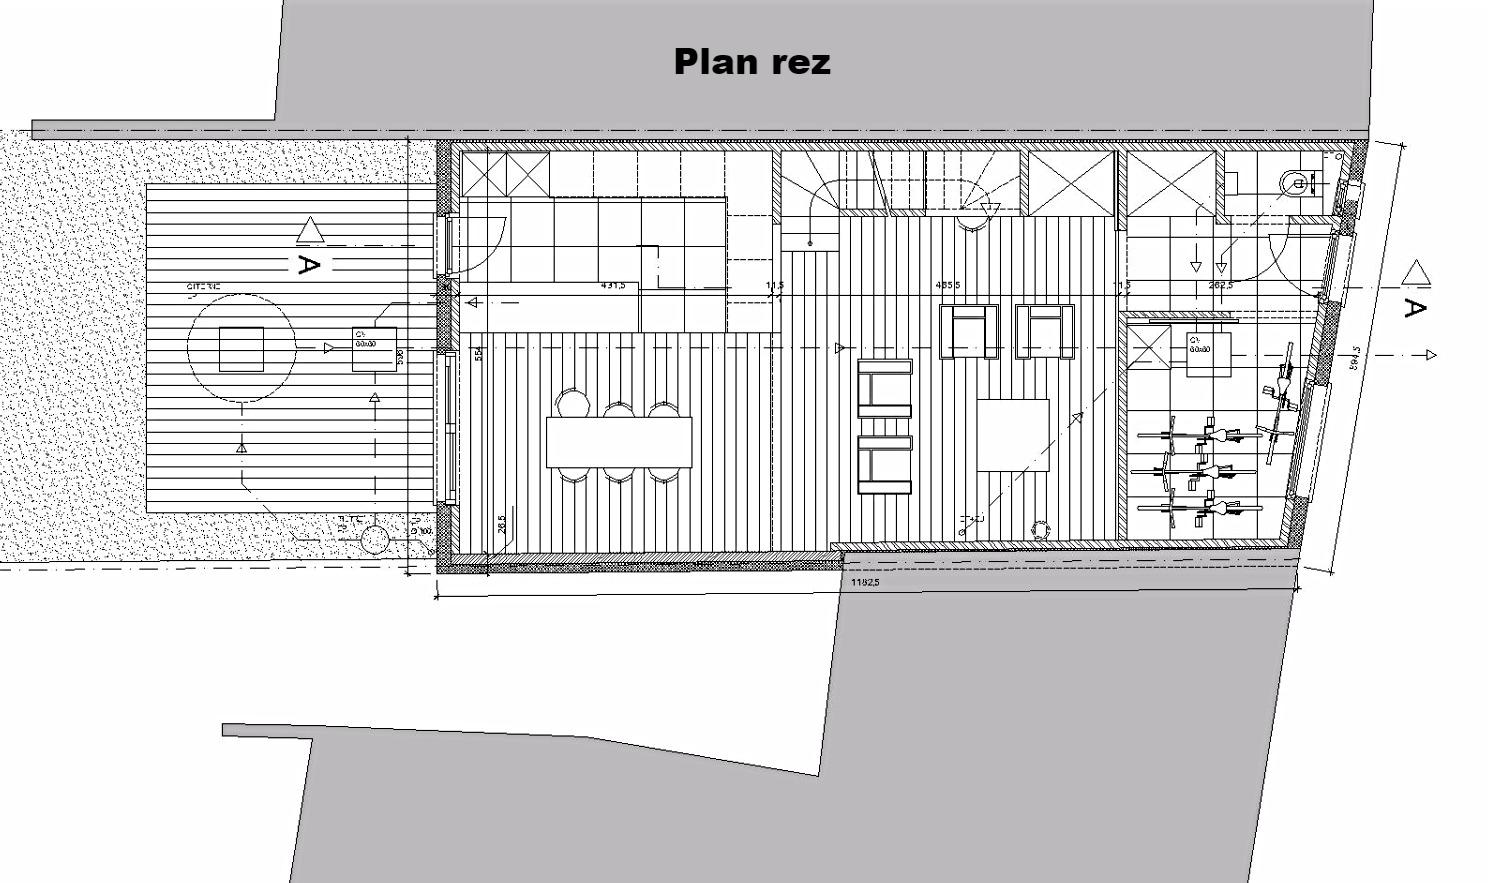 263 Plan rez